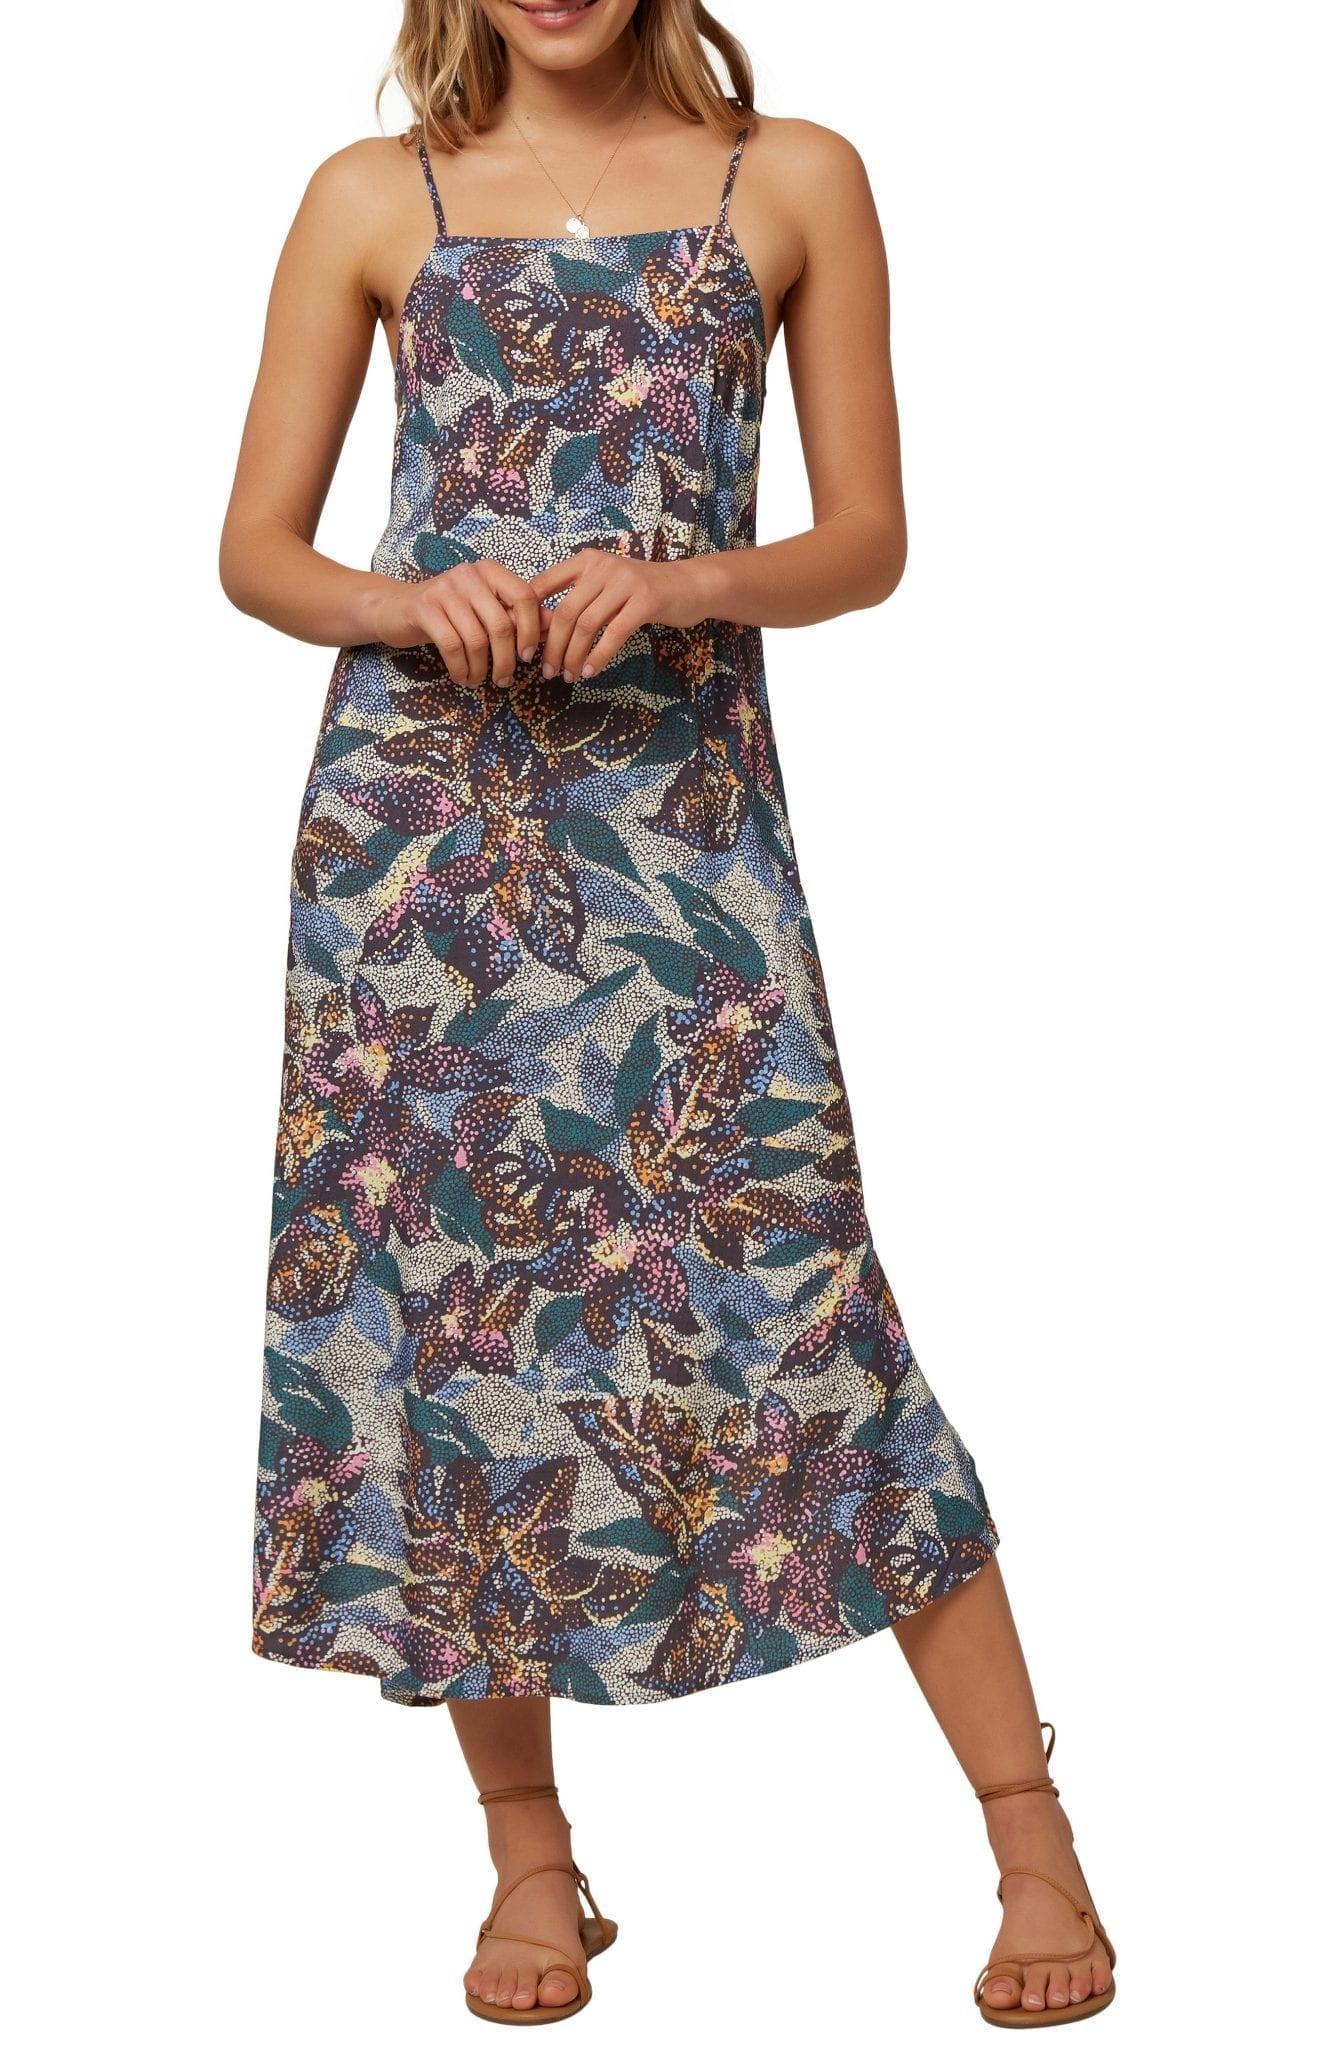 O'NEILL Lexie Woven Sun Dress